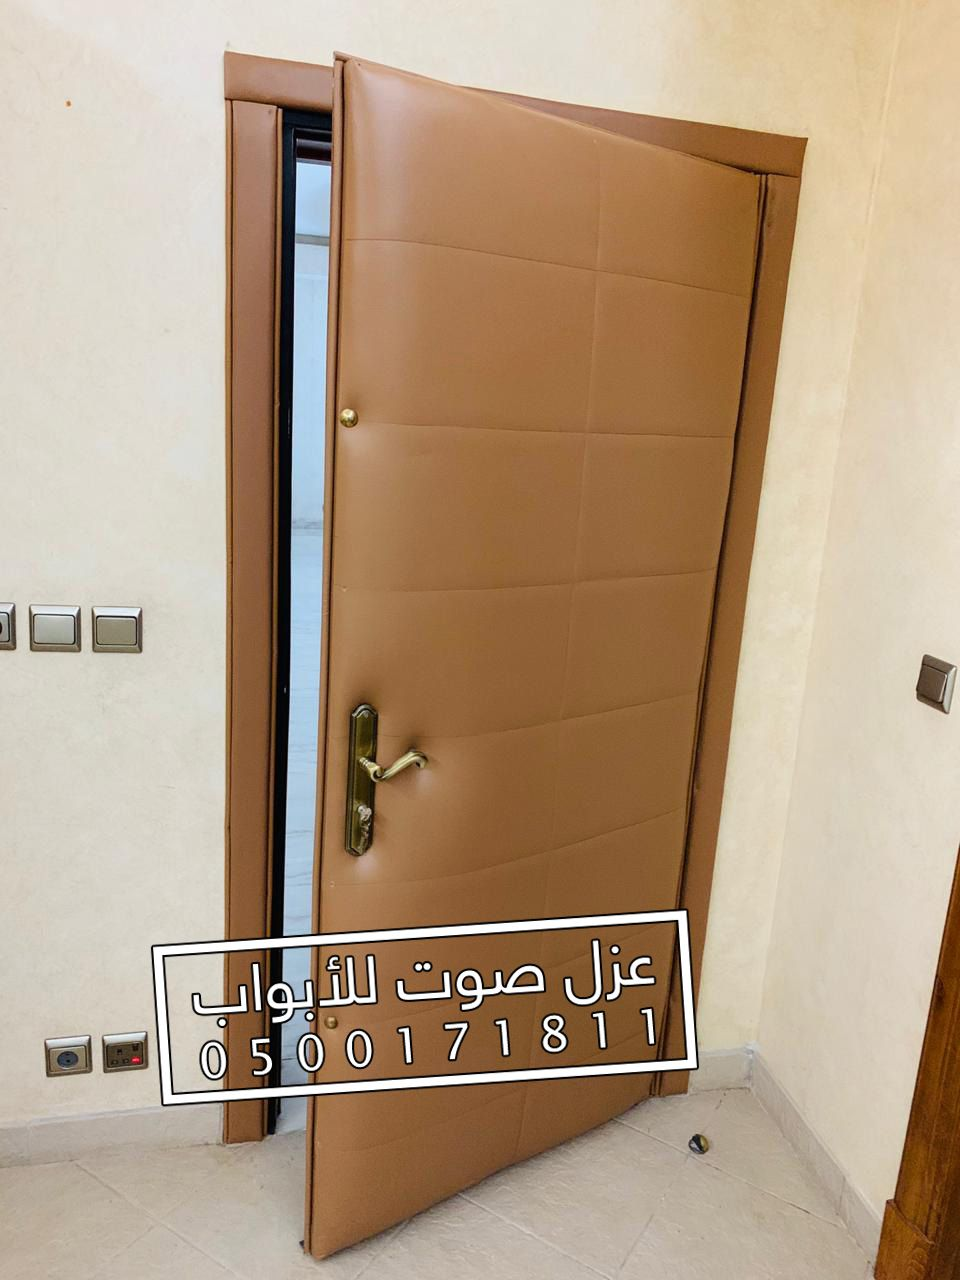 افضل عازل صوتي للابواب الخشبية و الحديدية بالرياض Bathroom Bathtub